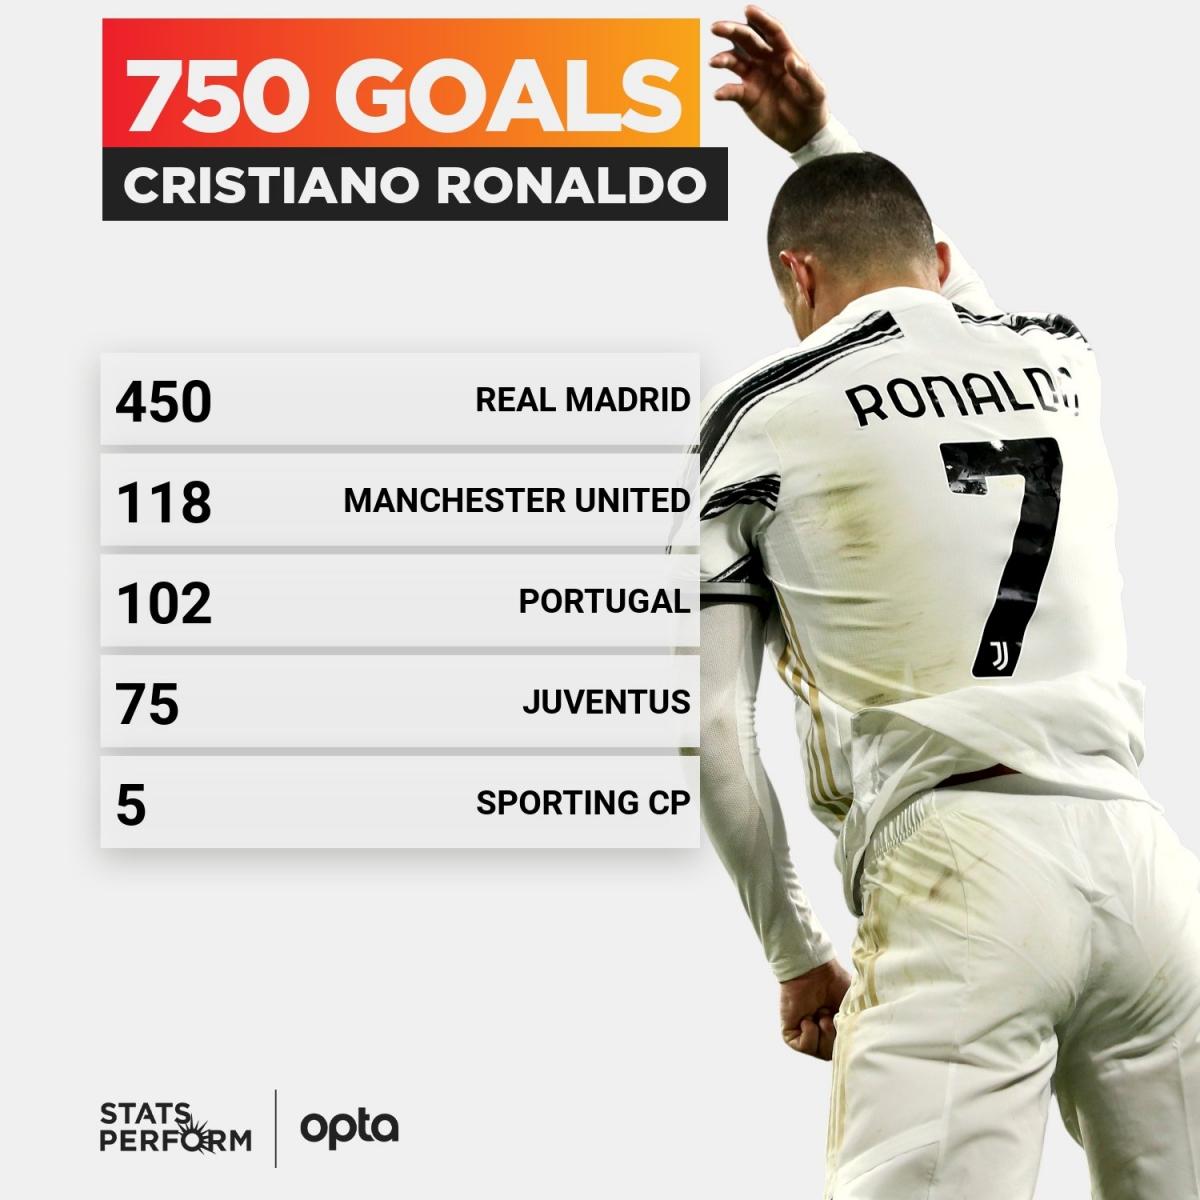 Thống kê số bàn thắng của Cristiano Ronaldo. (Ảnh: Opta)